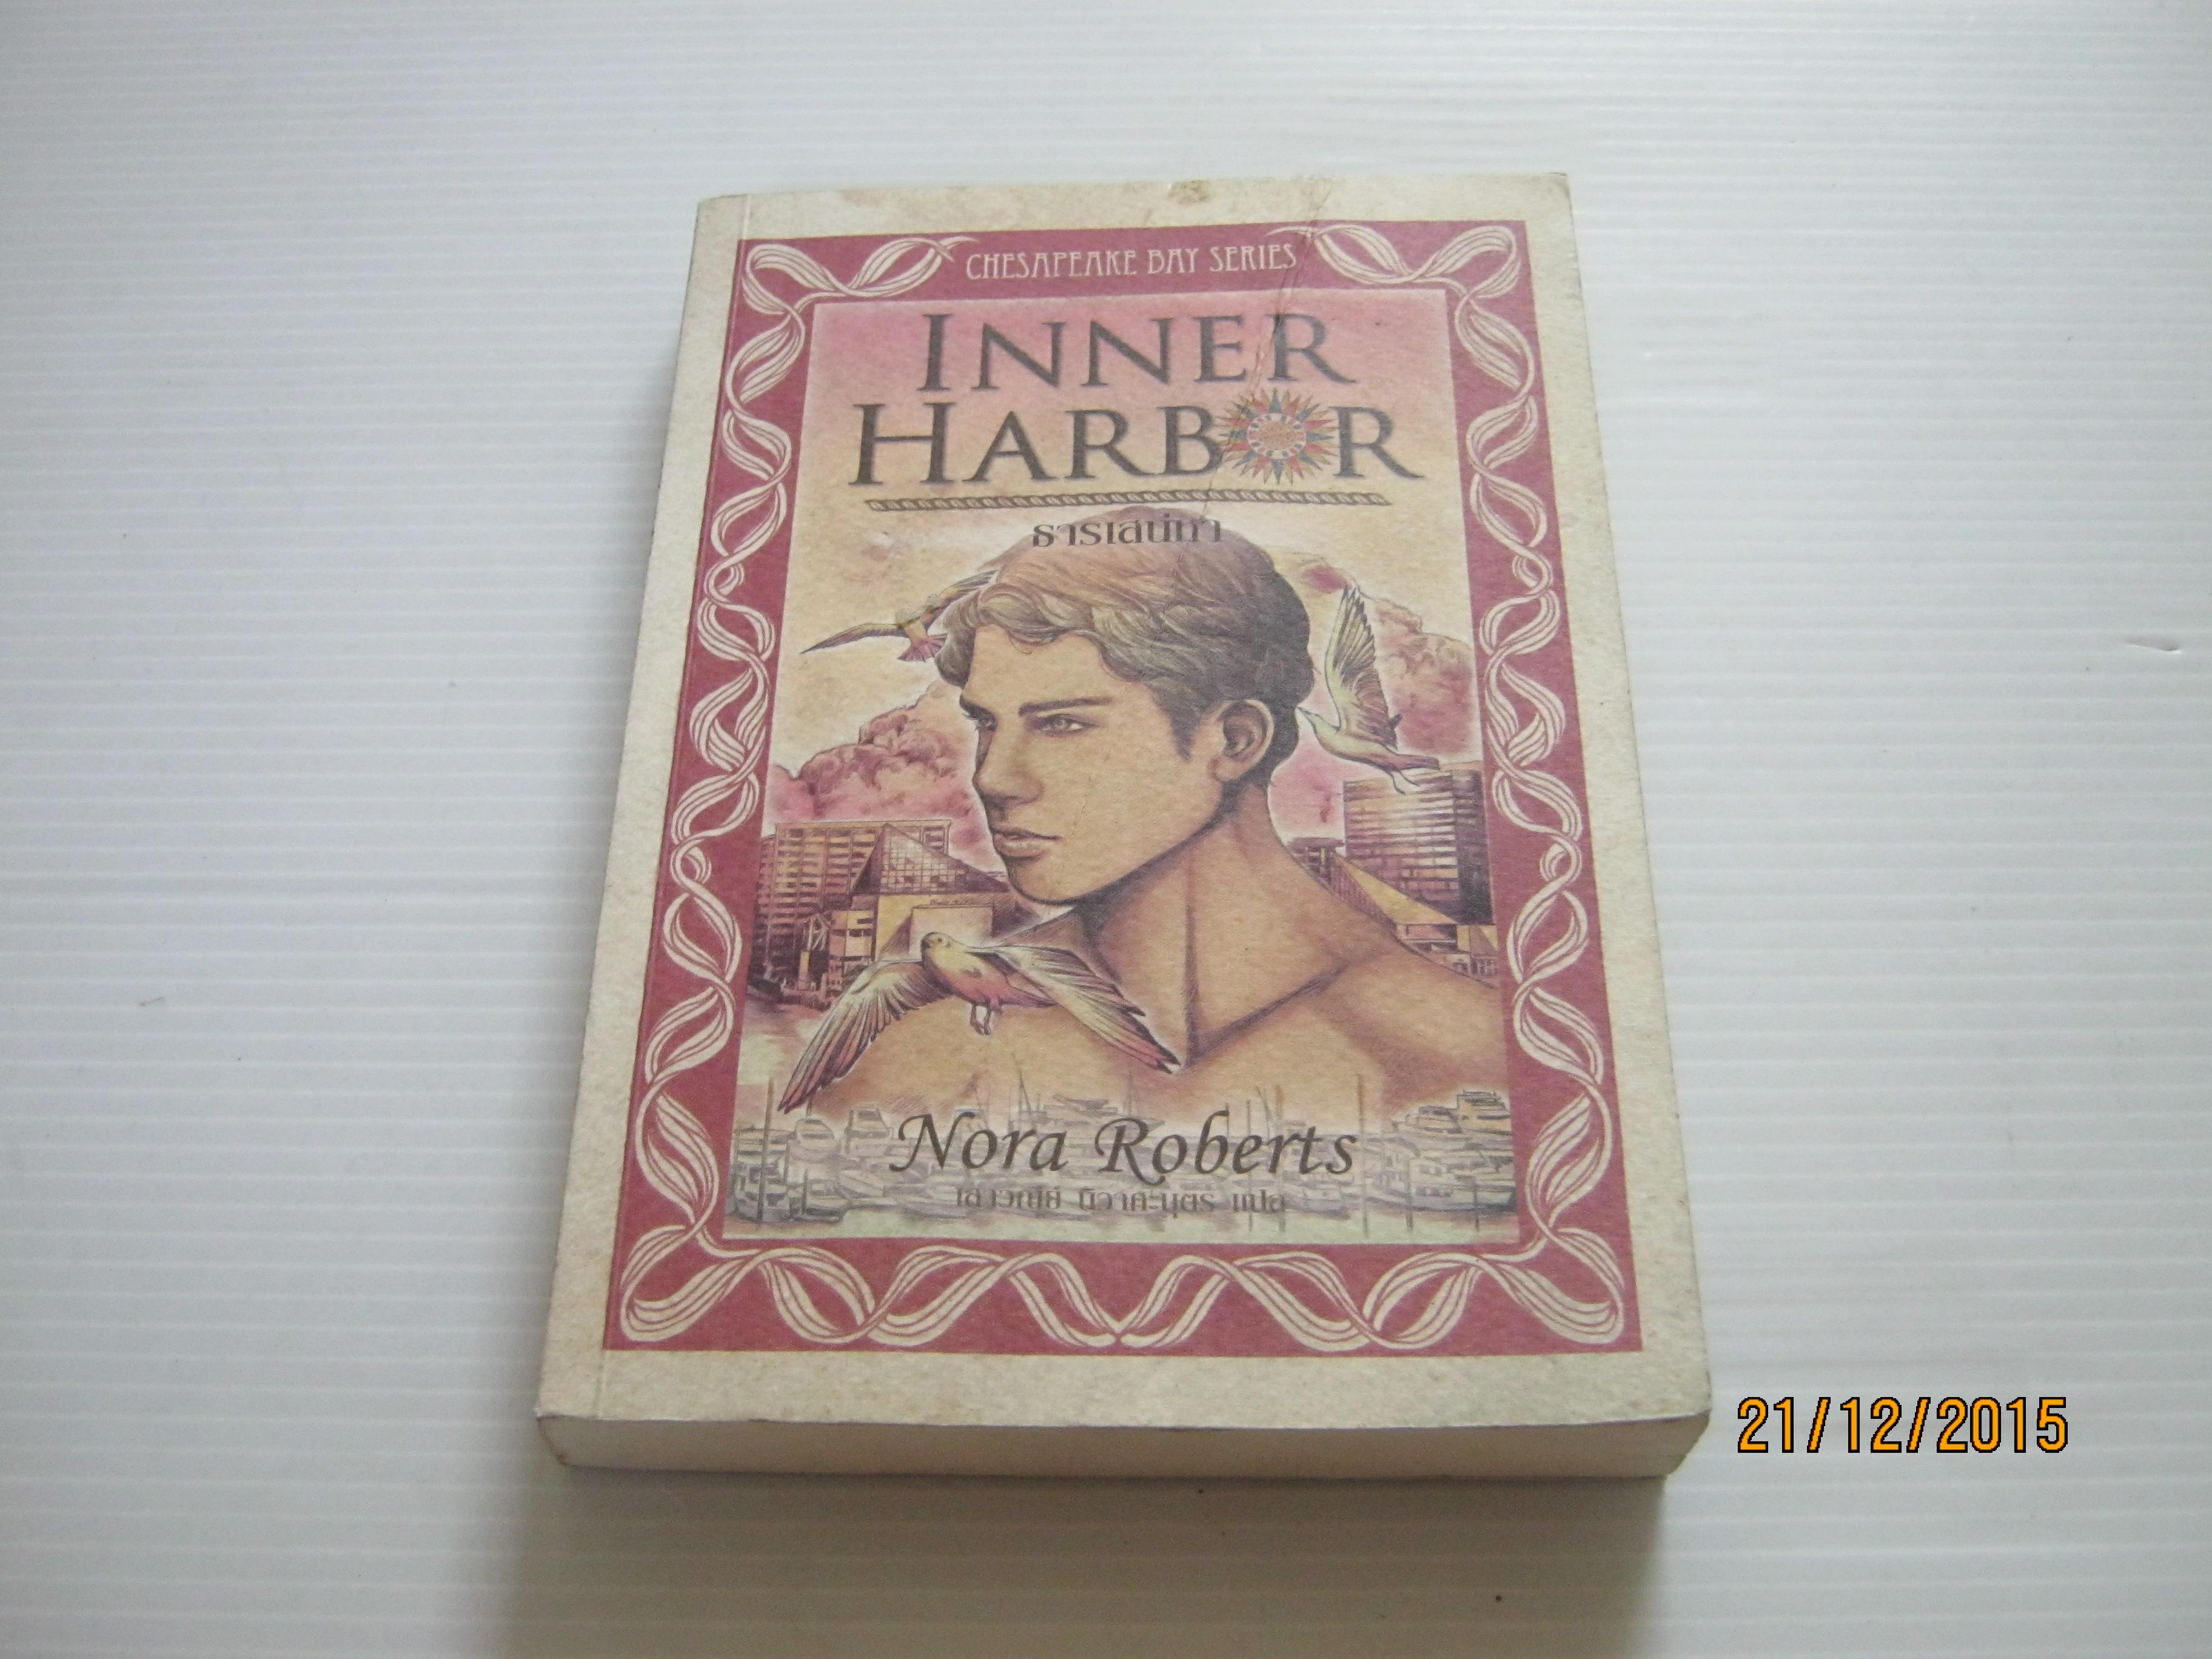 ธารเสน่หา (Inner Harbor) Nora Roberts เขียน เสาวณีย์ นิวาศะบุตร แปล